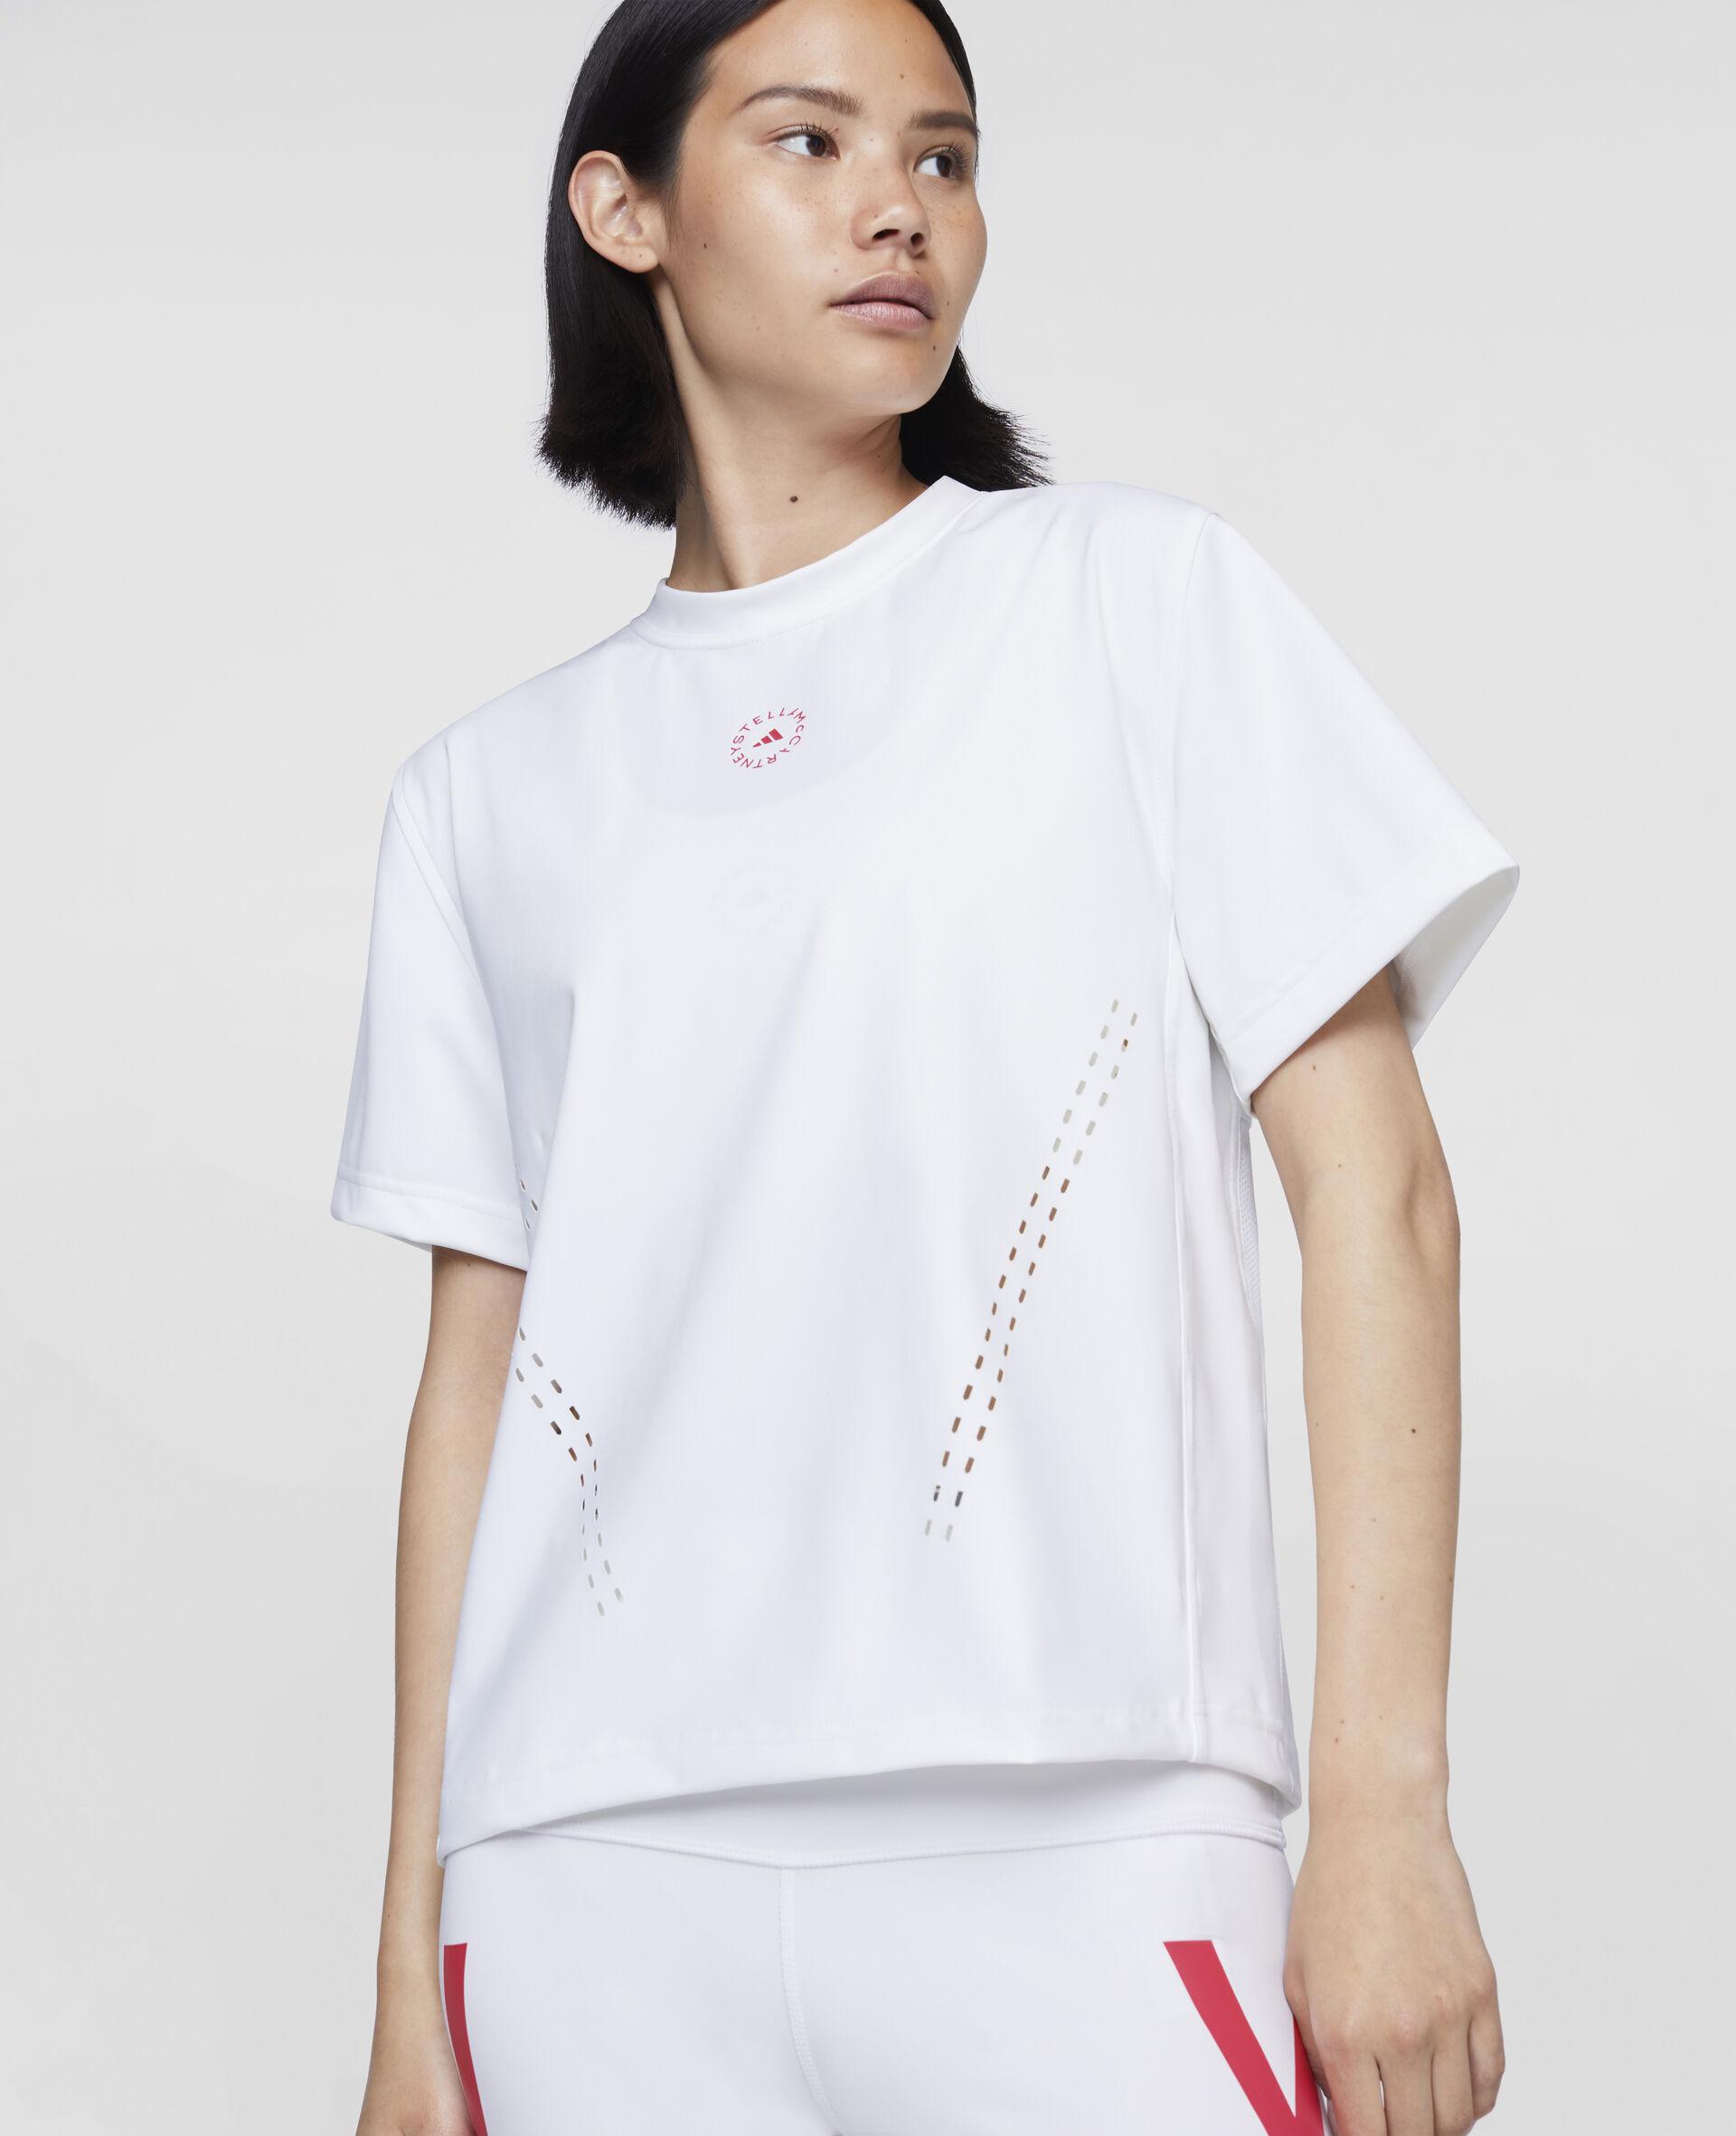 White Training T-shirt-White-large image number 3